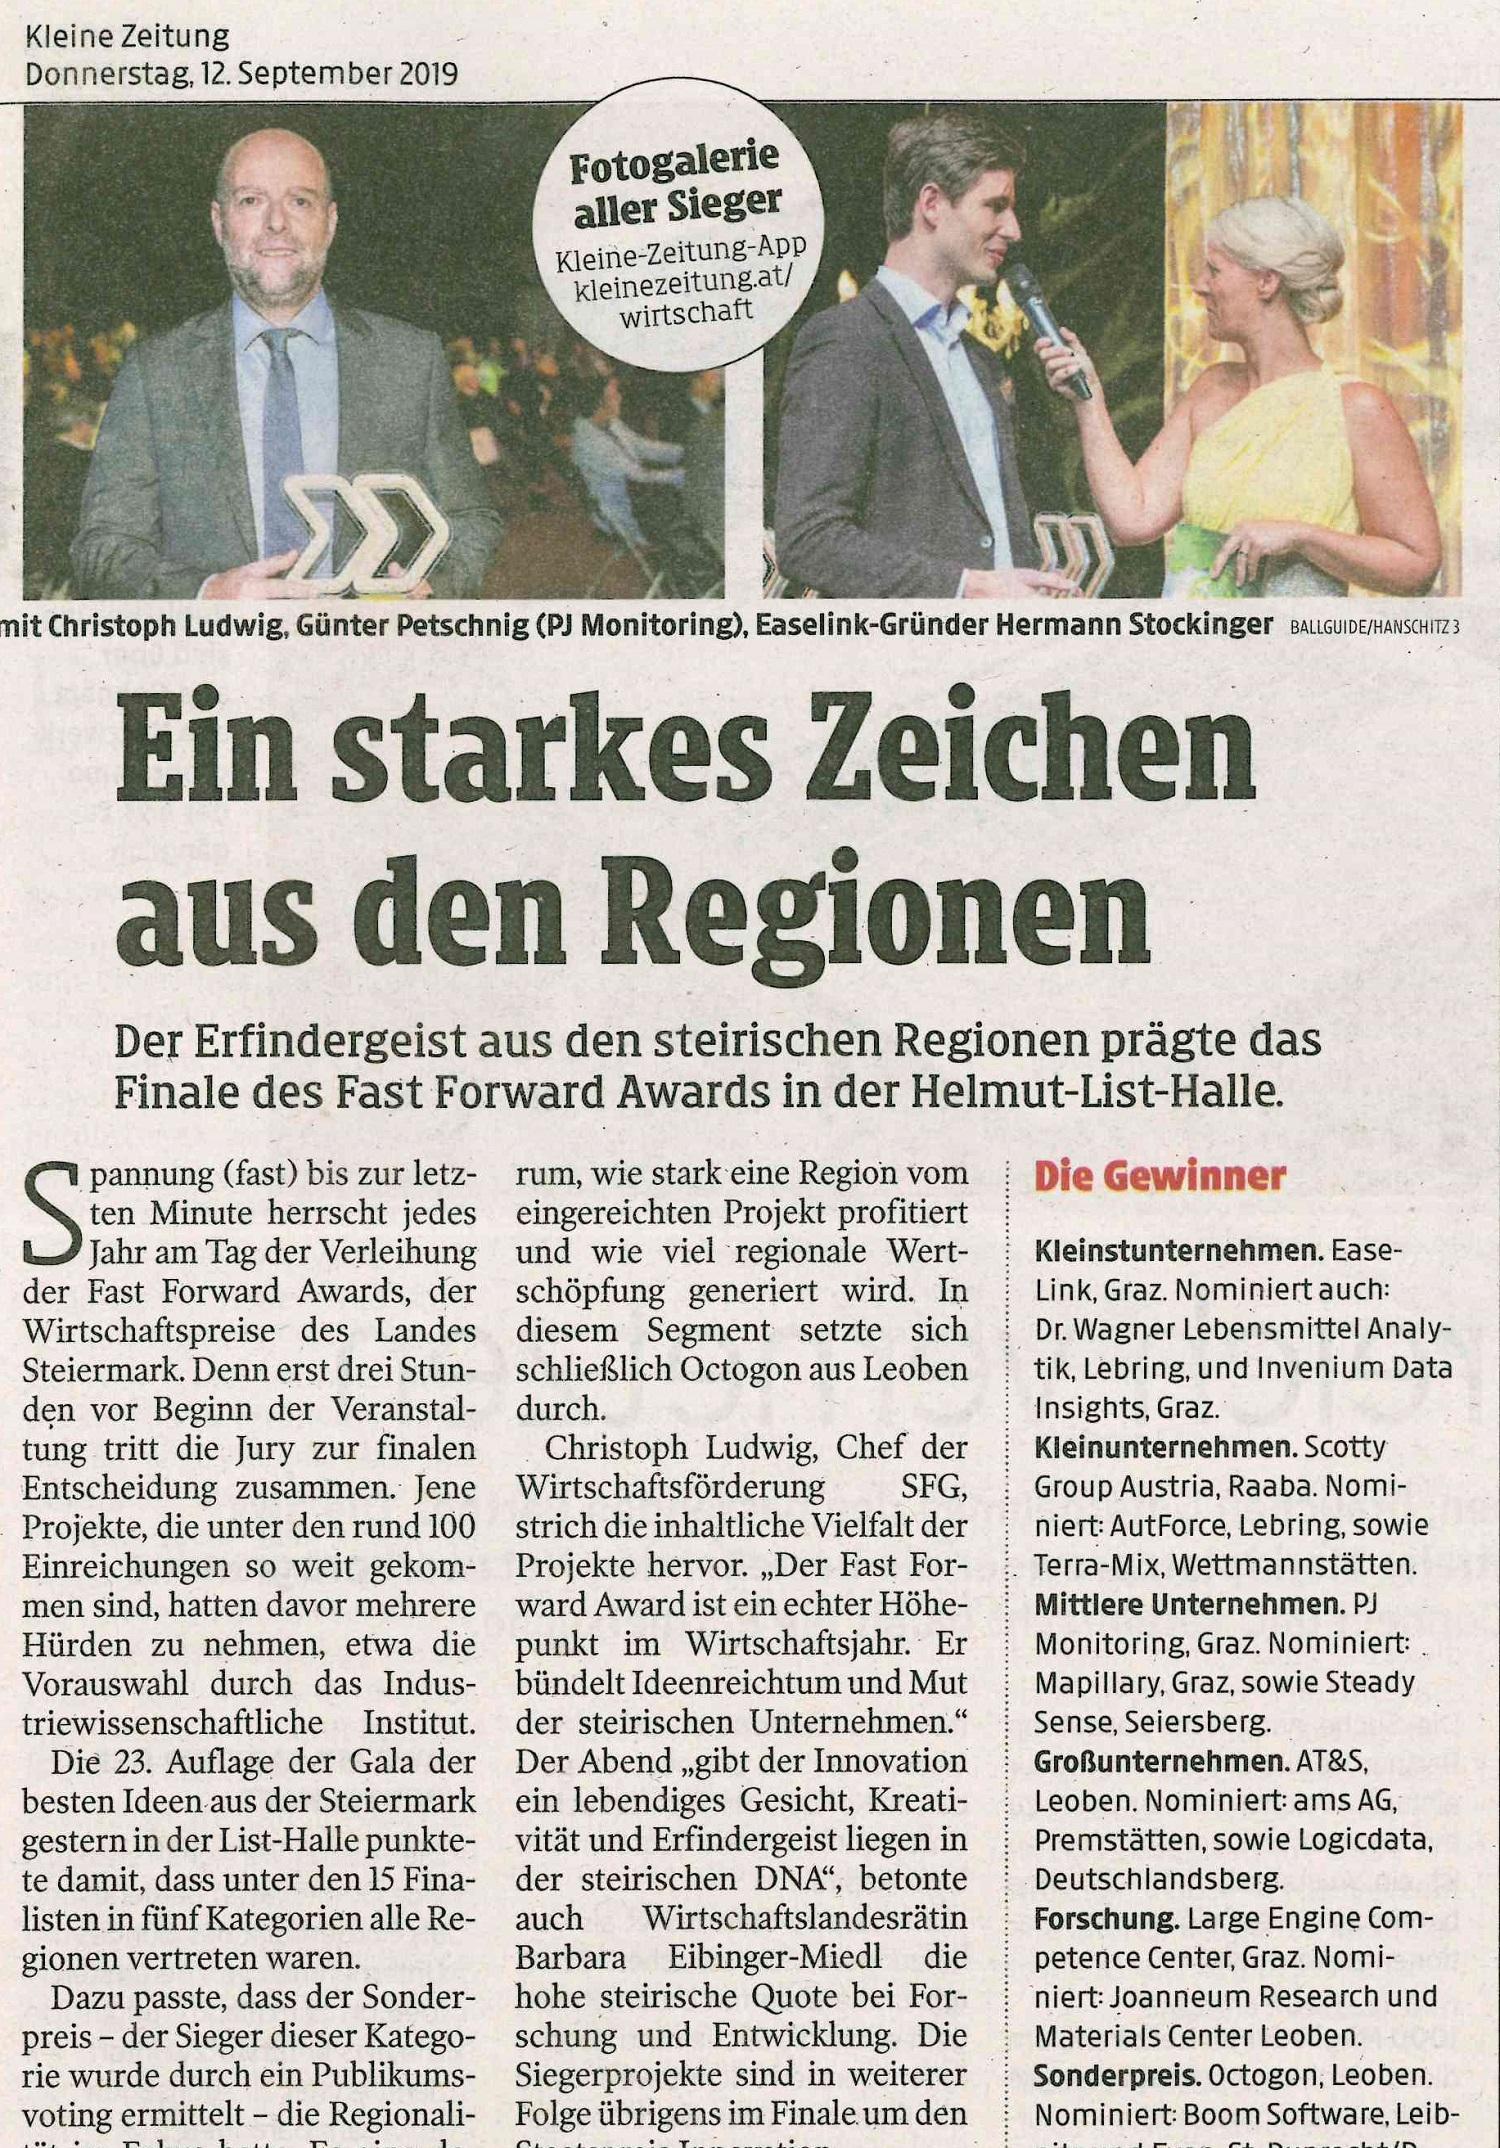 Kleine_Zeitung_FFA120919Ausschnitt